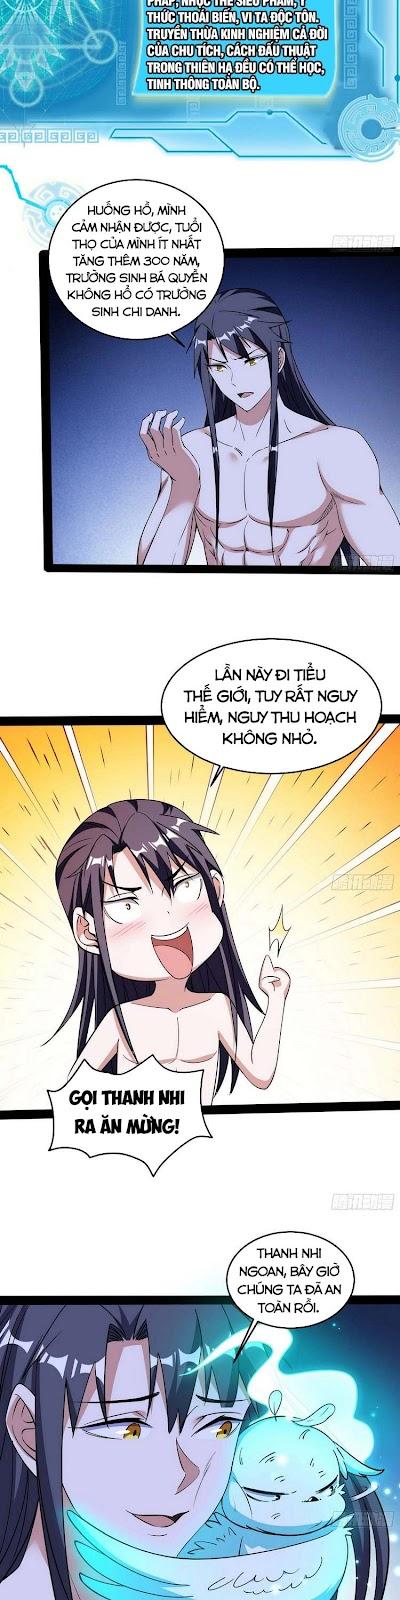 Ta Là Tà Đế Chương 195 - Truyentranhaudio.com